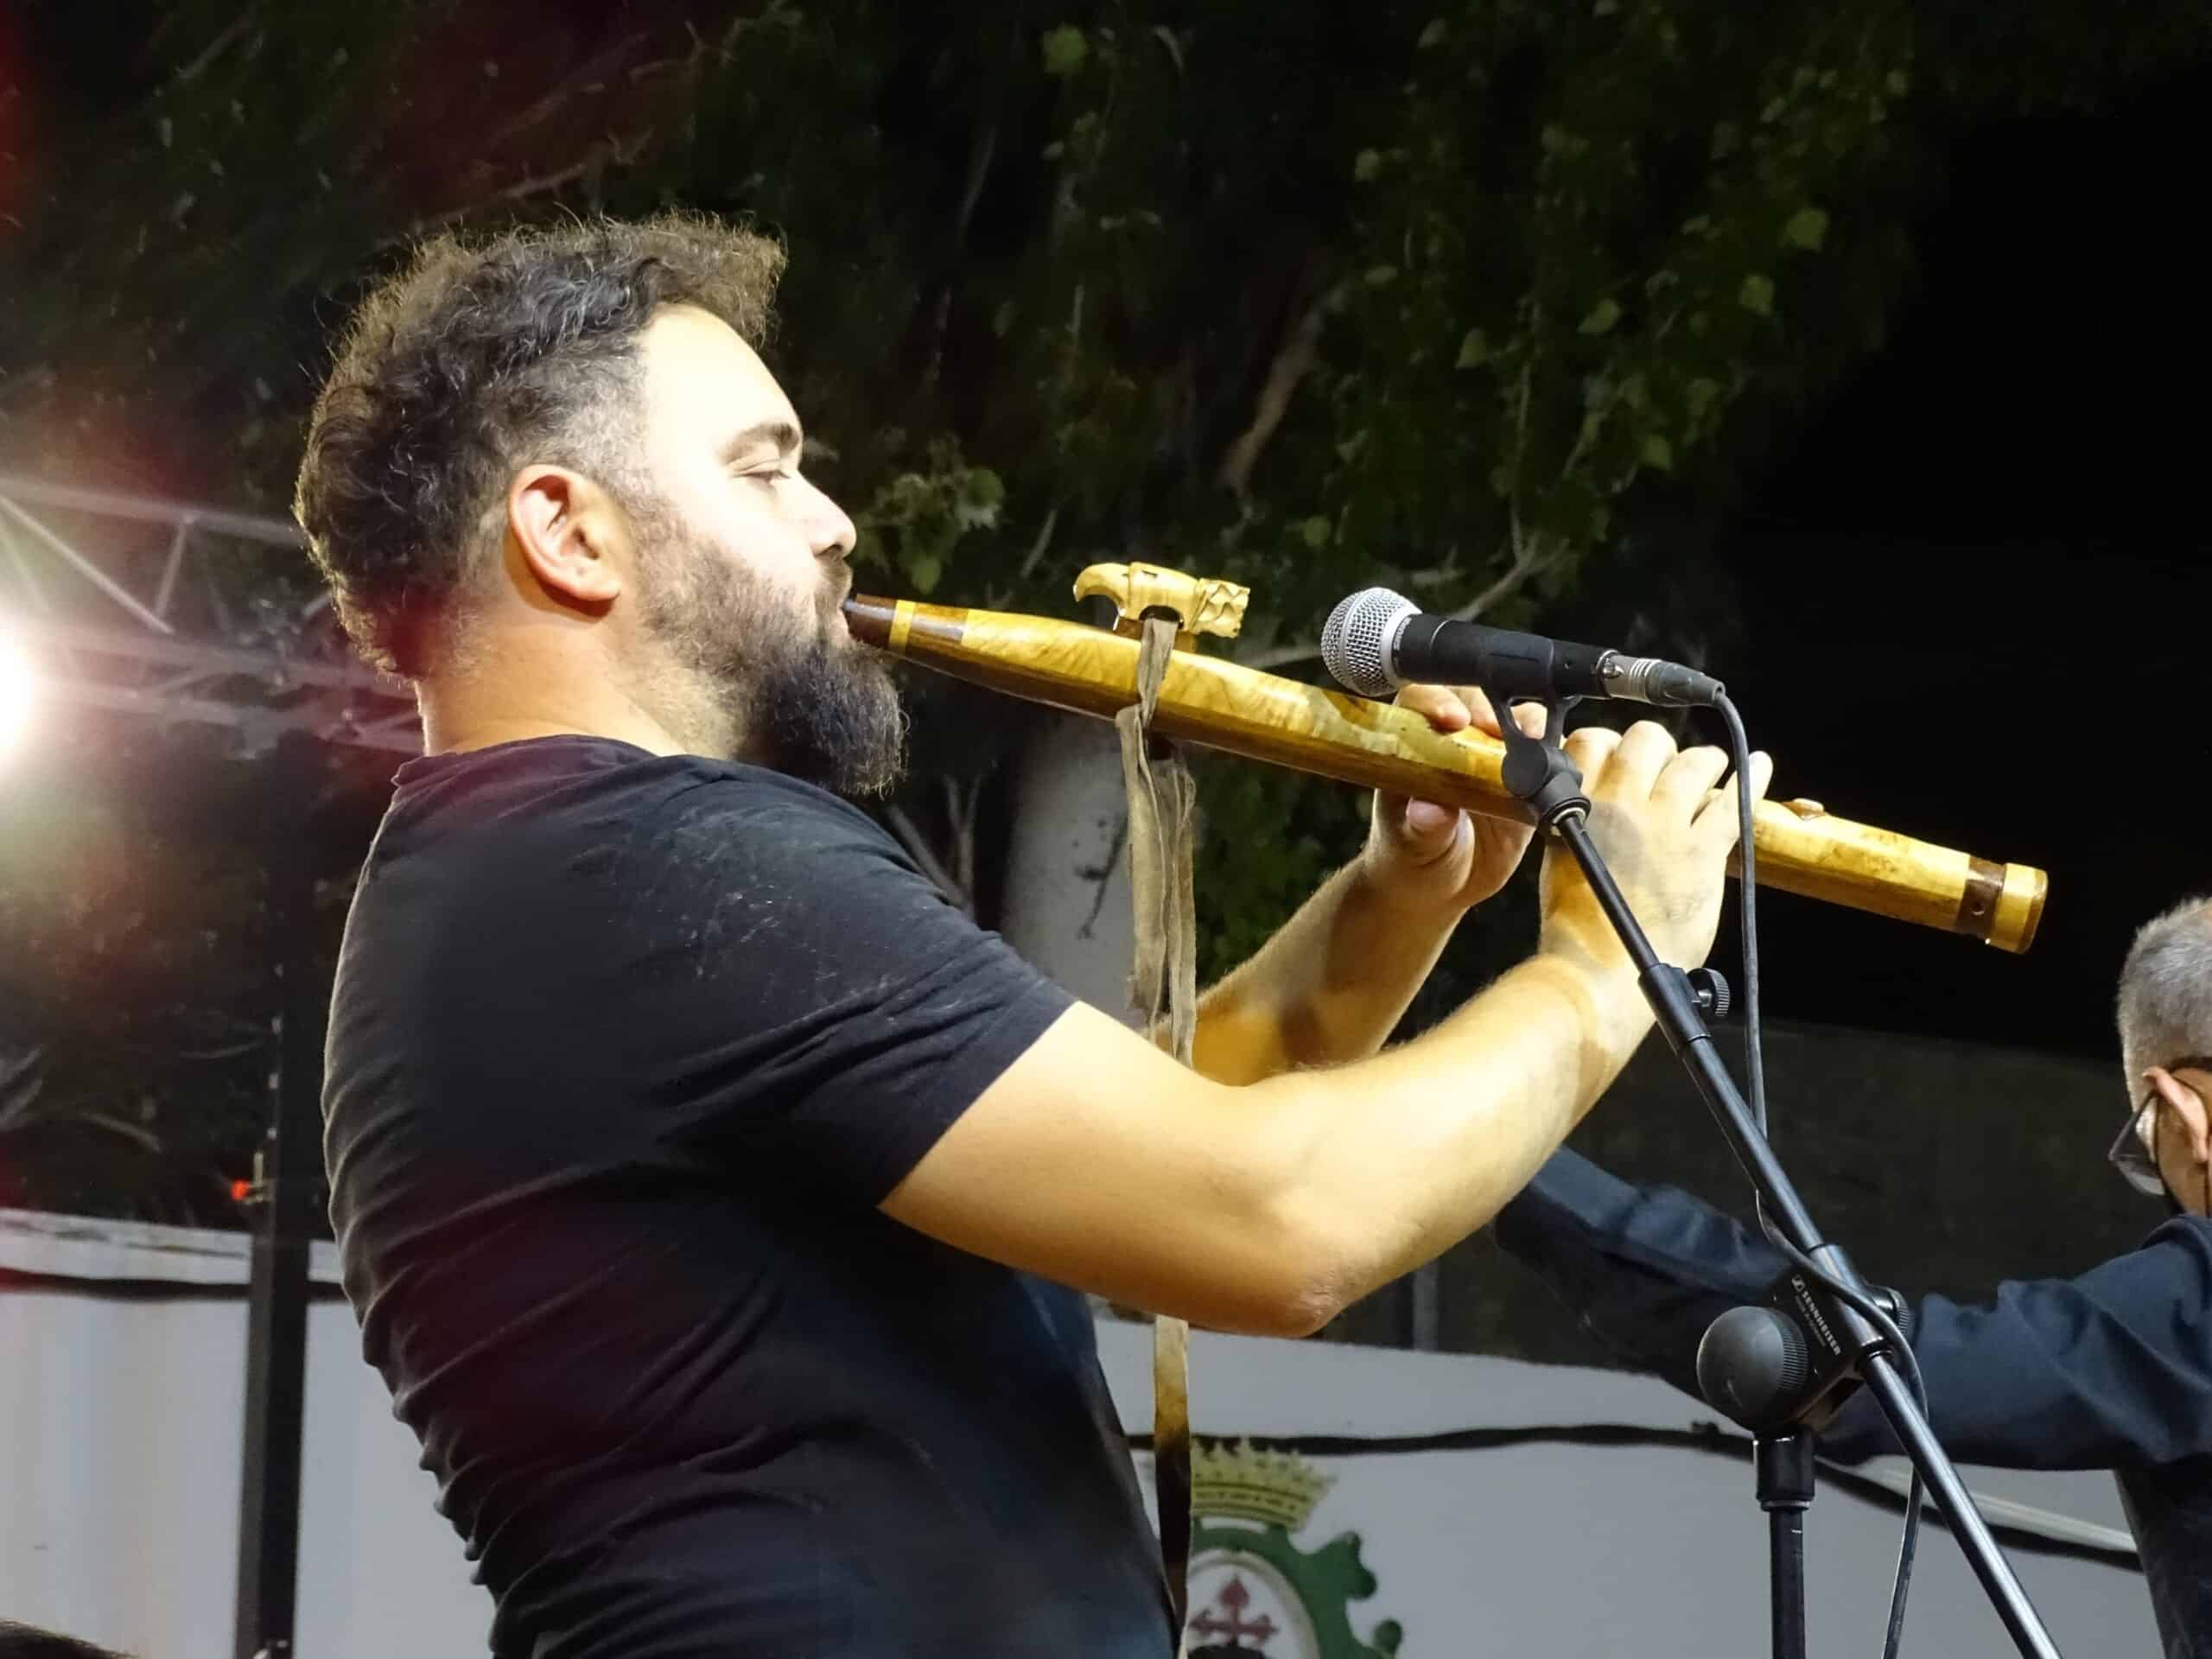 Magistral concierto de la Banda Sinfónica Municipal y el multiinstrumentista Abraham Cupeiro para cerrar el Festival de Musica 15